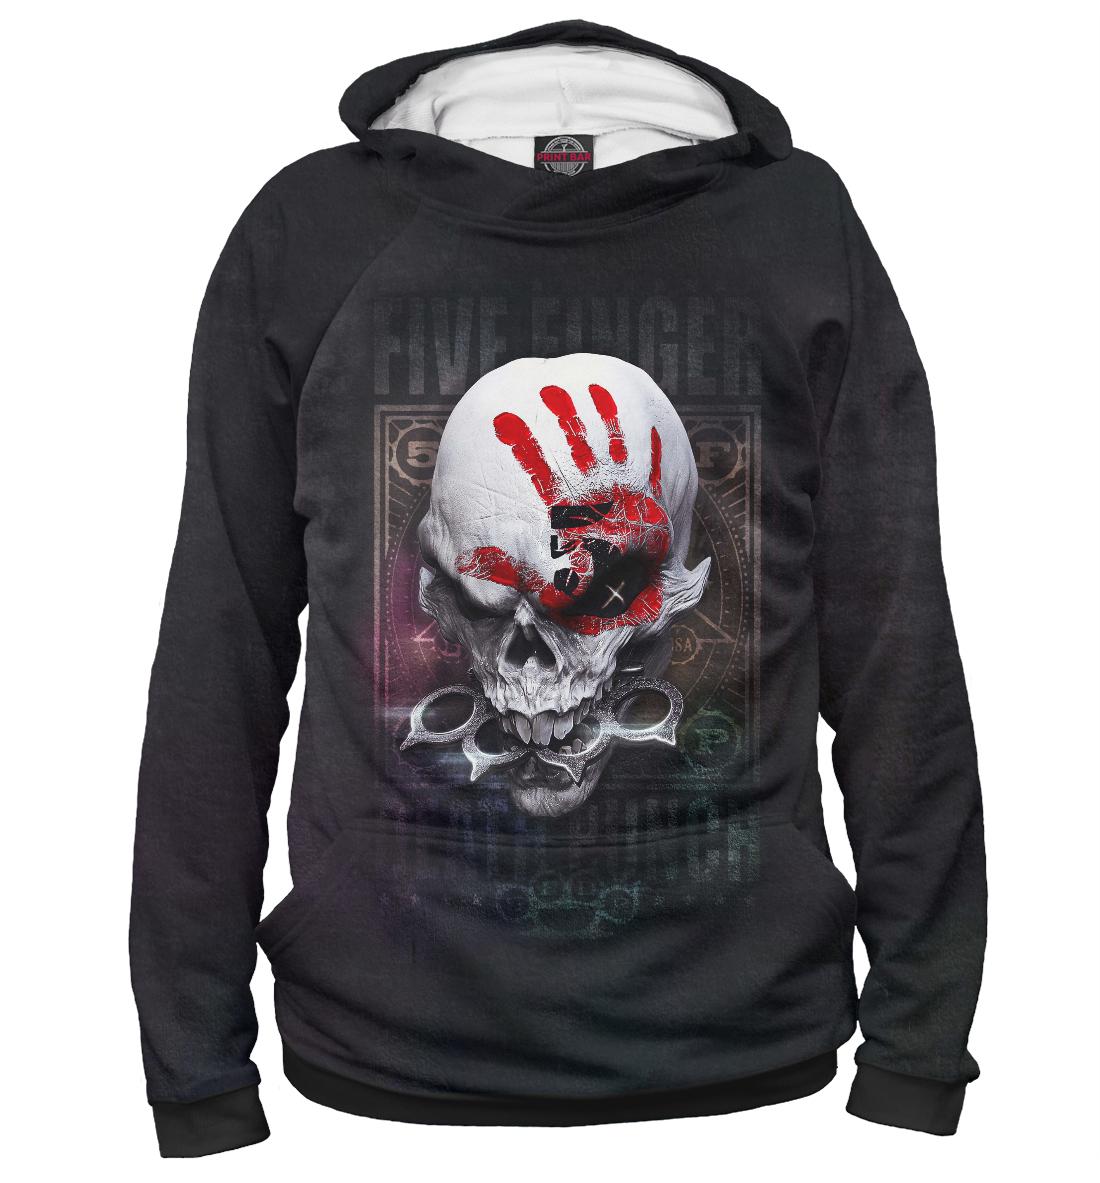 Купить Five Finger Death Punch, Printbar, Худи, FFD-351187-hud-2